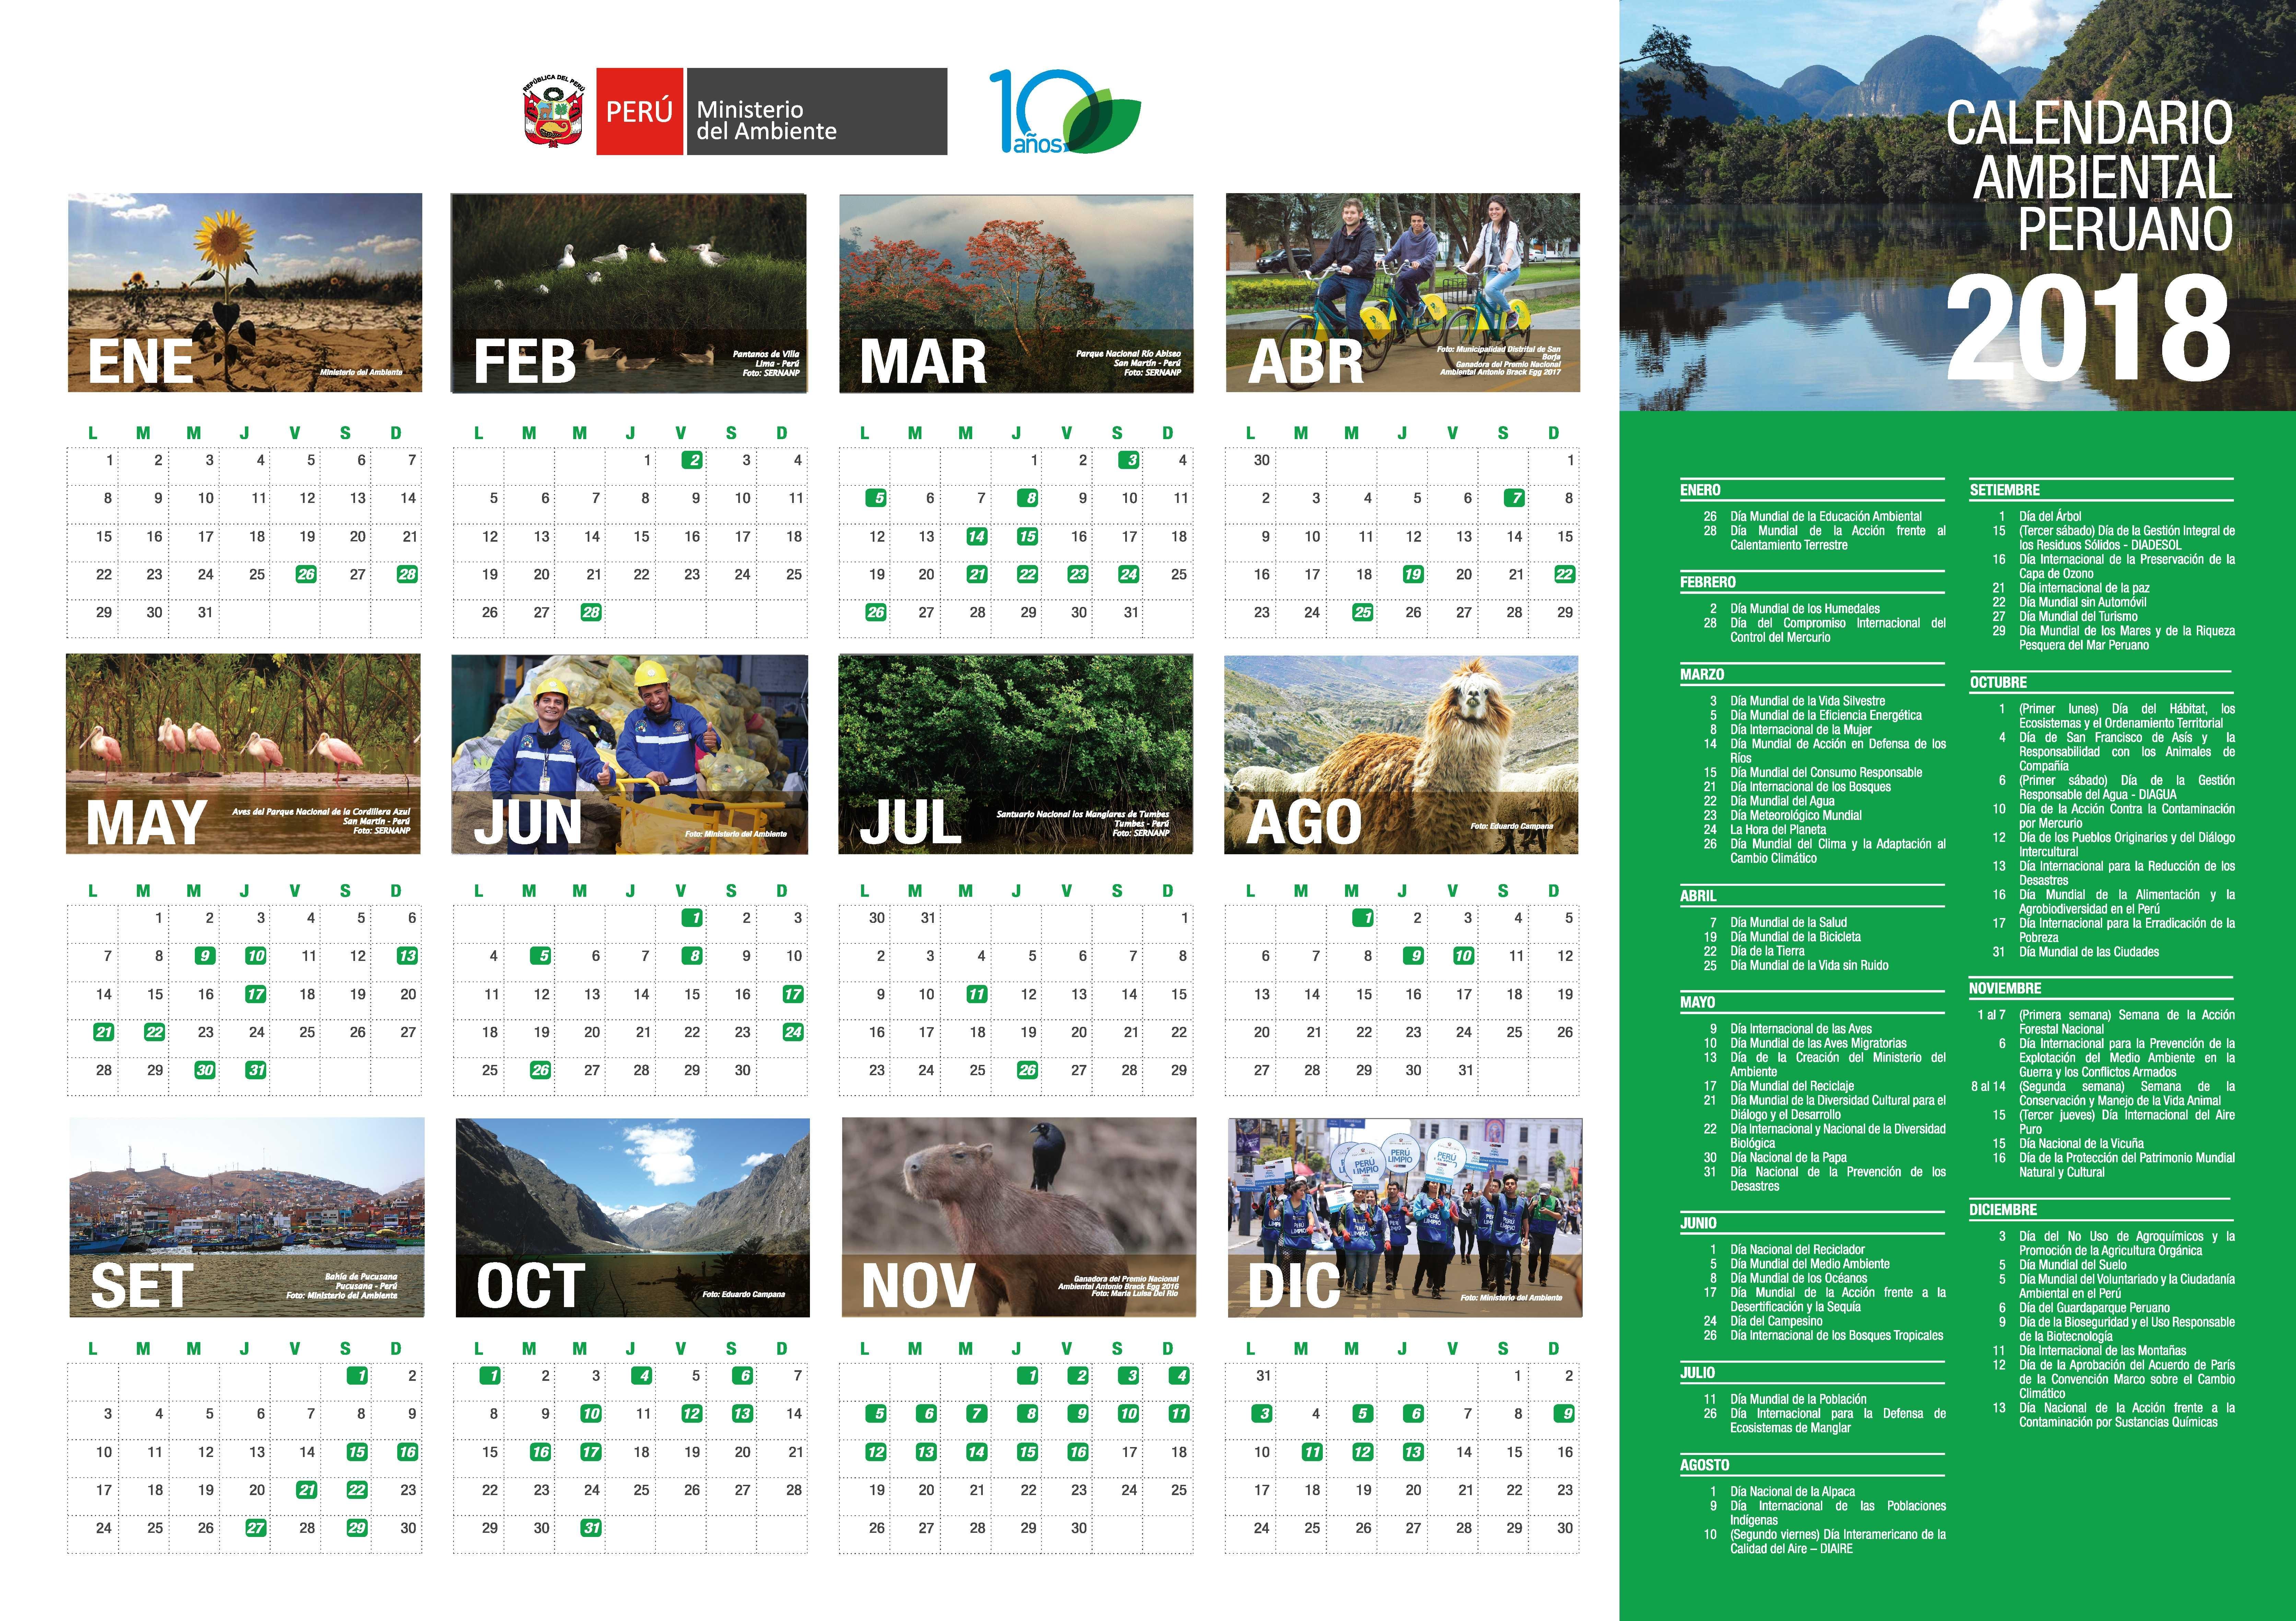 Calendario 2019 Argentina Oficial Más Recientes Calendario Ambiental Of Calendario 2019 Argentina Oficial Recientes Euroflashback 1982 Cuando Alemania Marc³ Su Primer Gol Cantando A